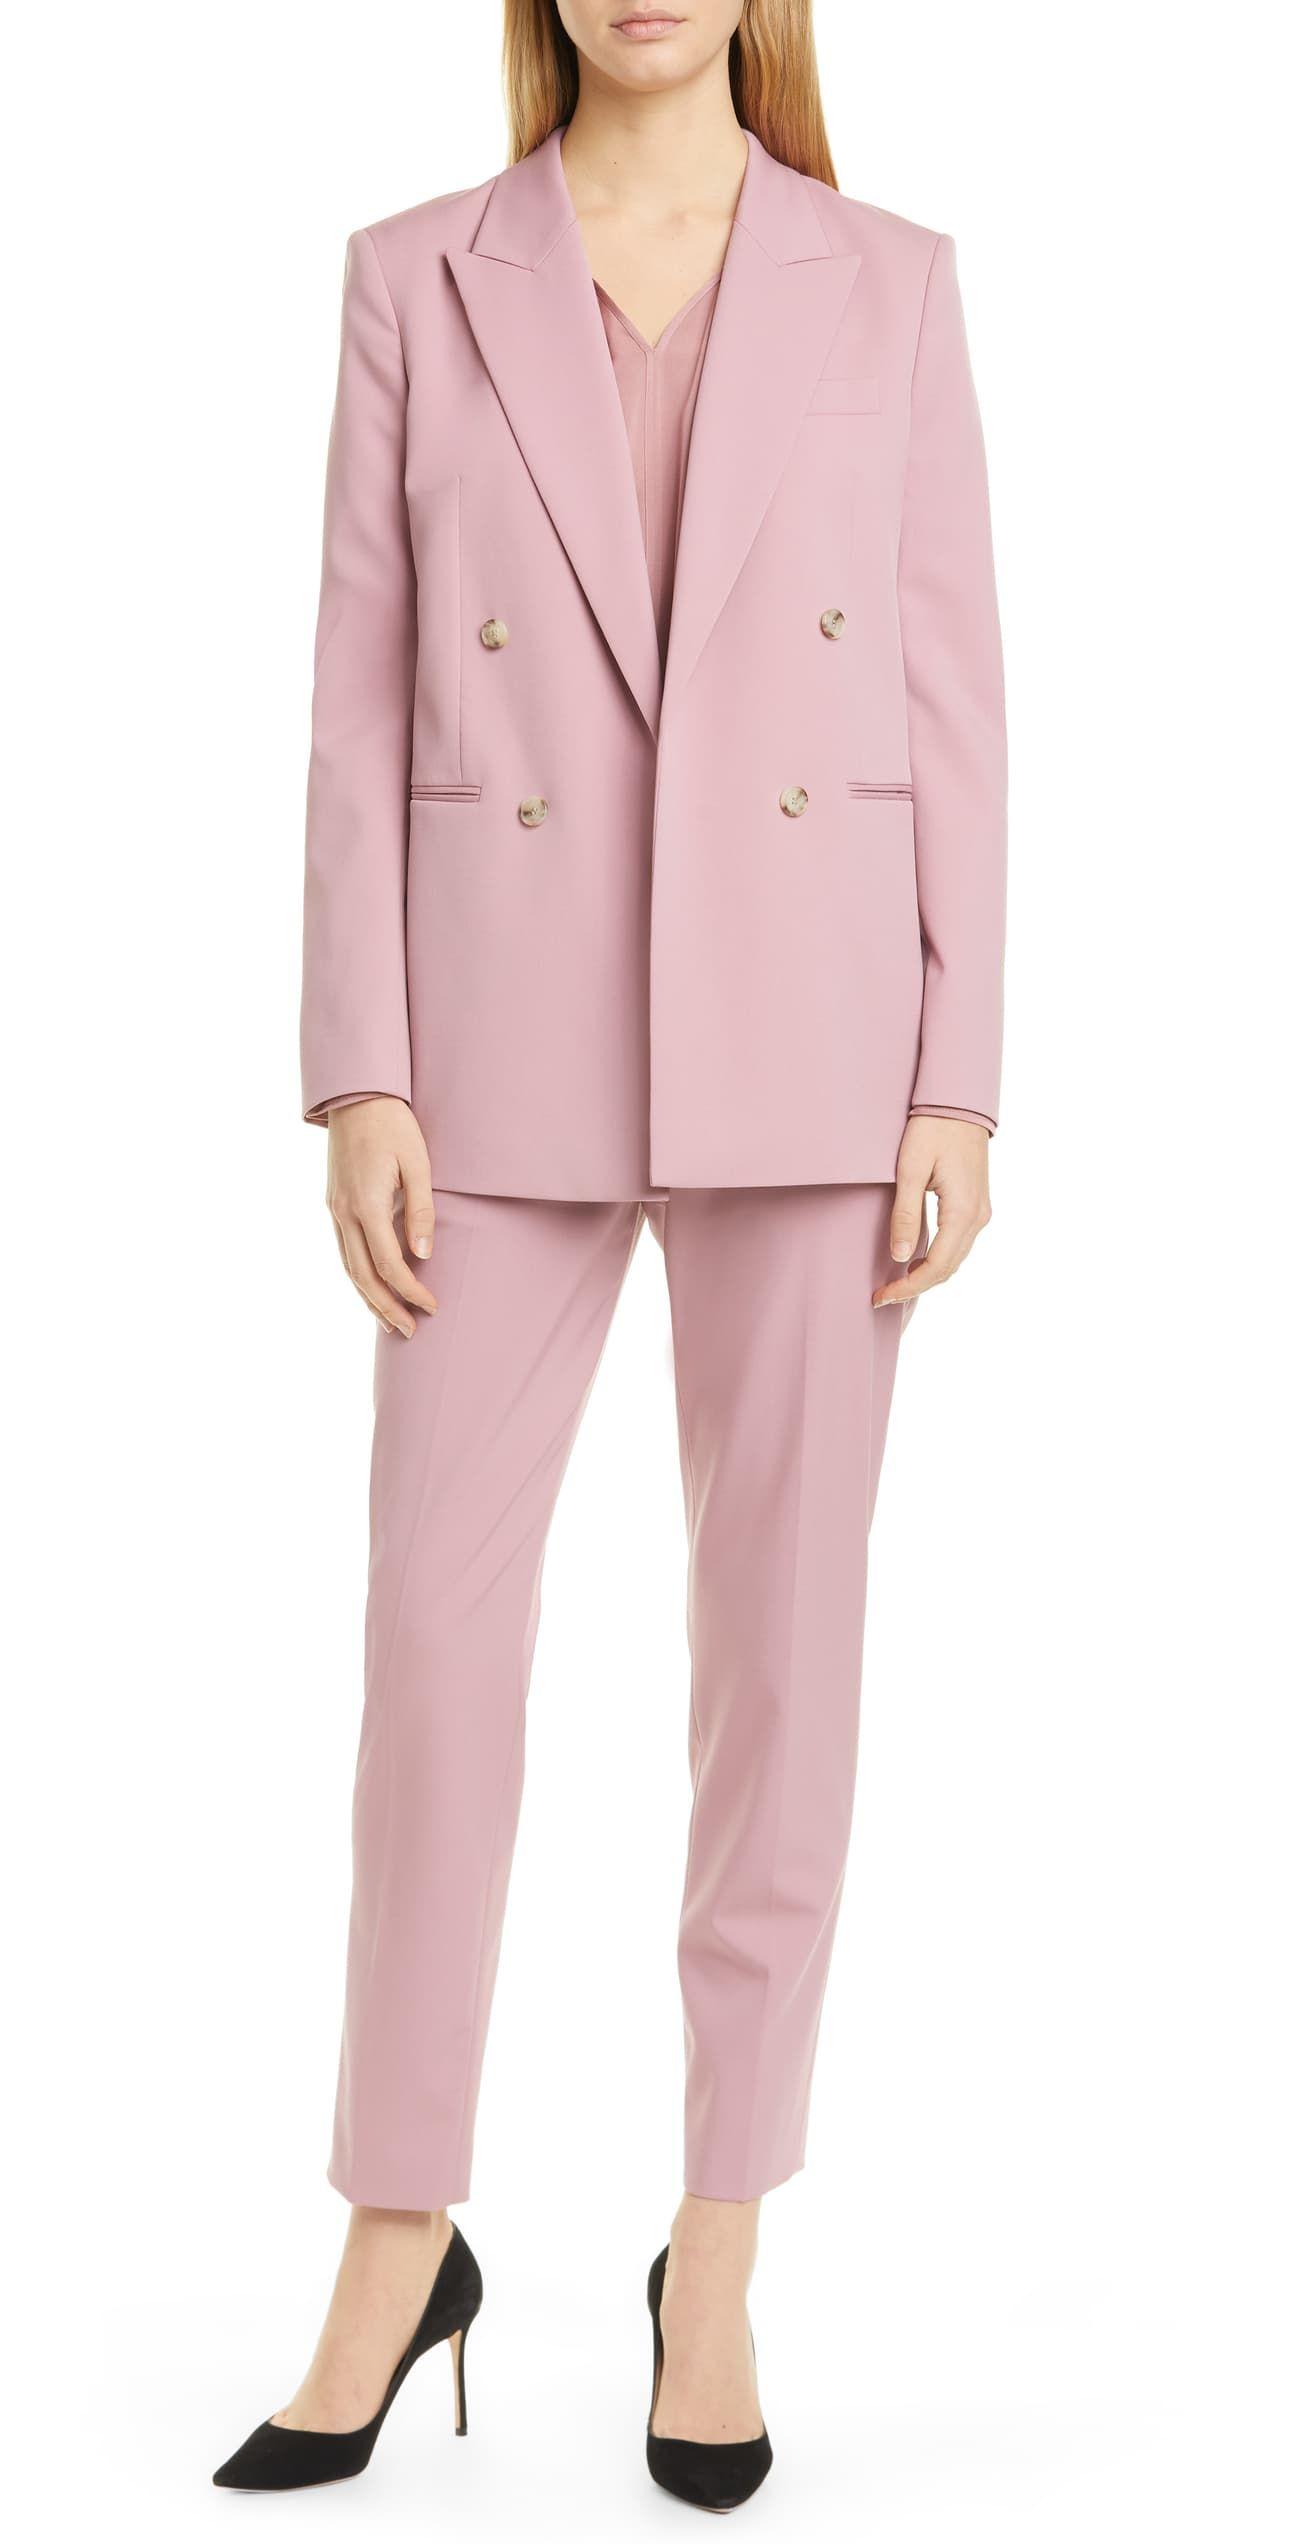 Ladies Pink Pantsuit